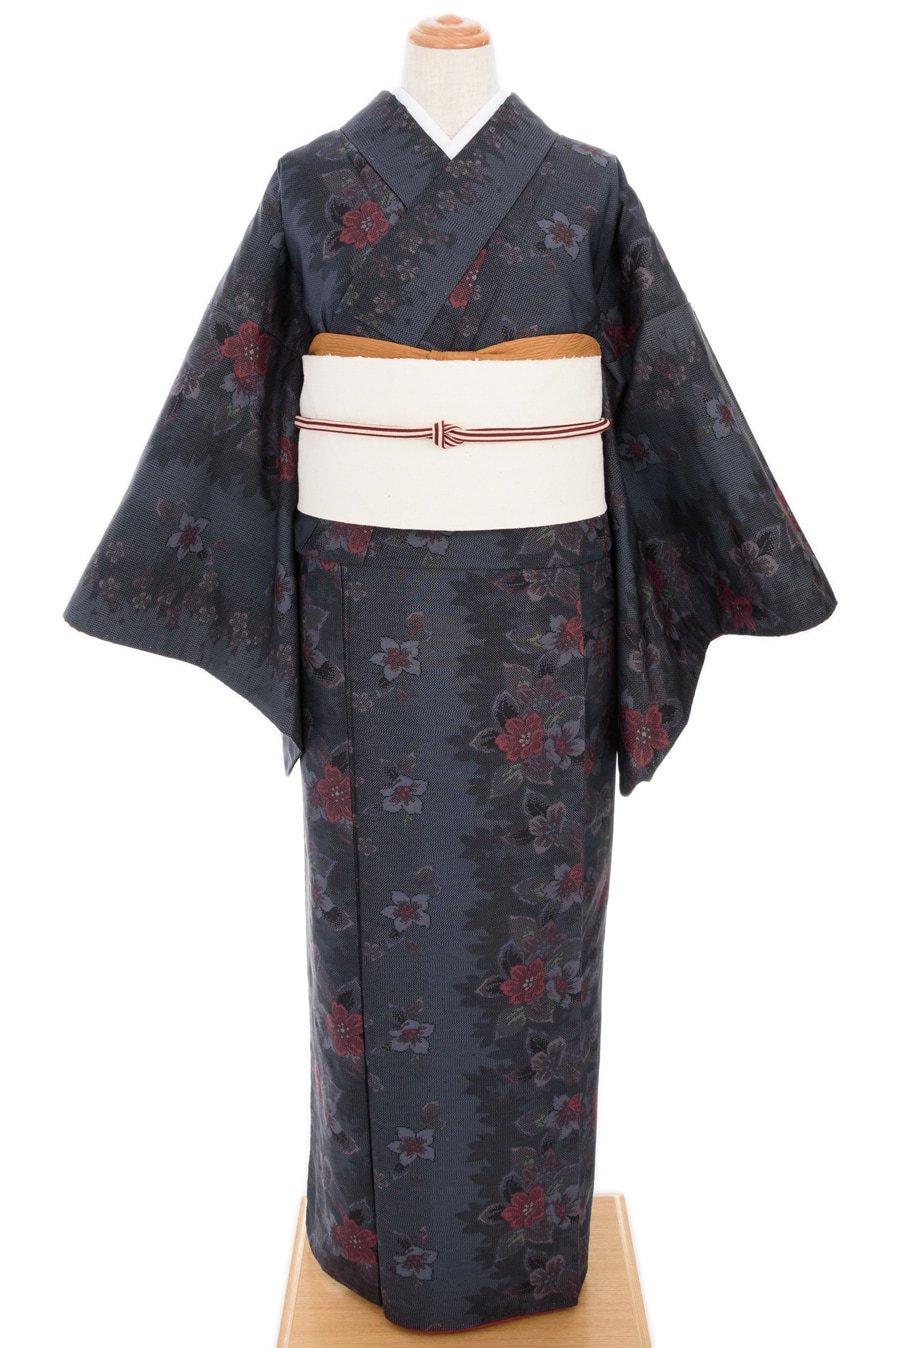 「大島紬 紺地 花ライン」の商品画像